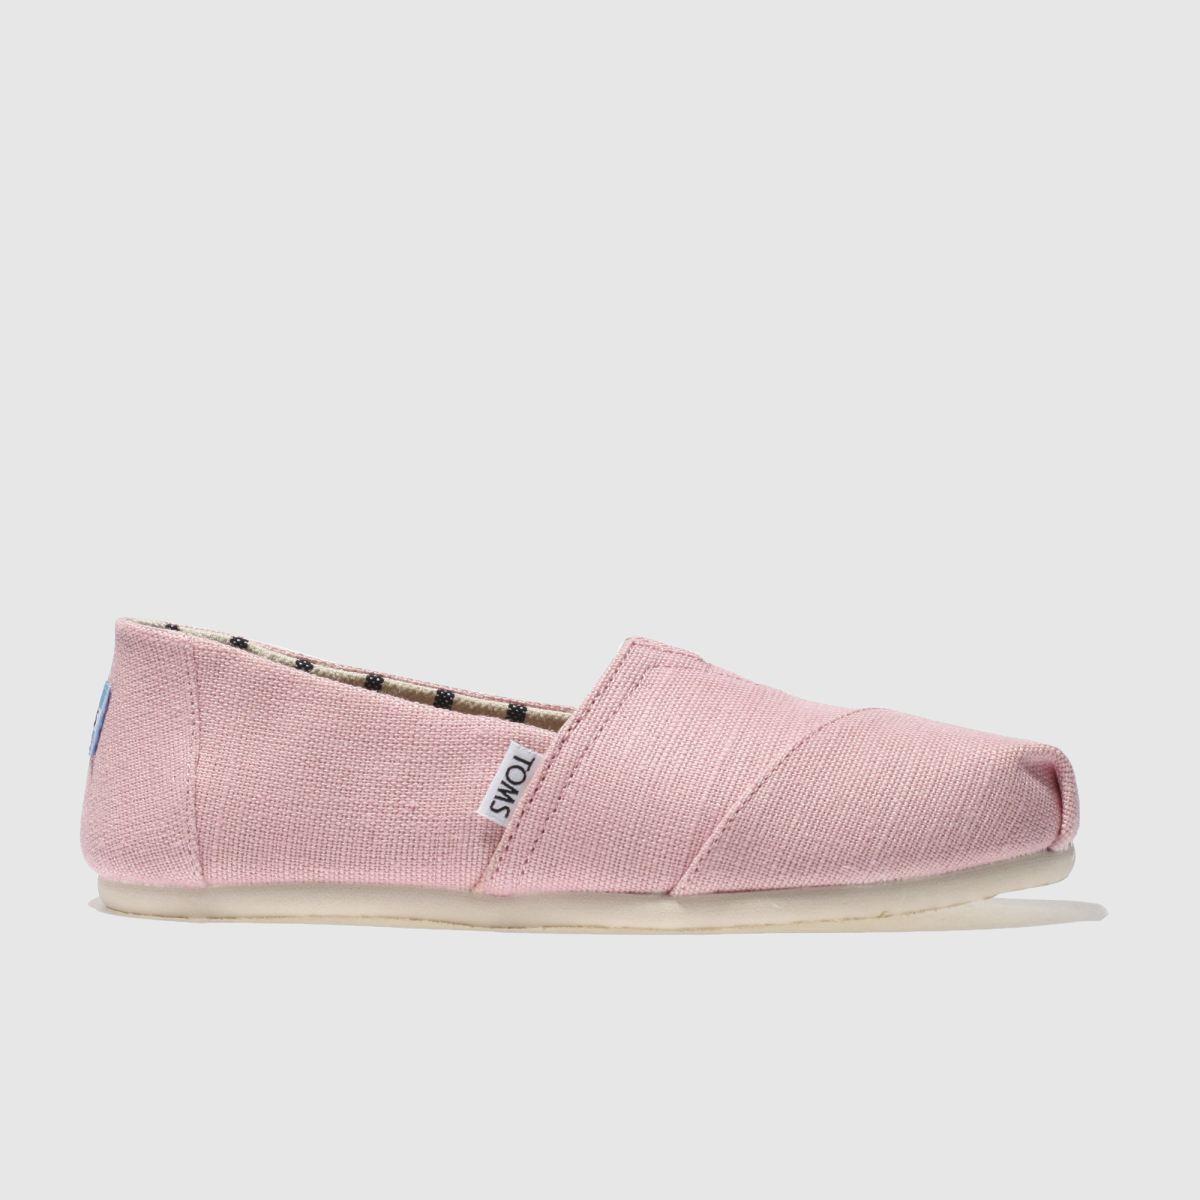 Toms Pale Pink Alpargata Venice Flat Shoes